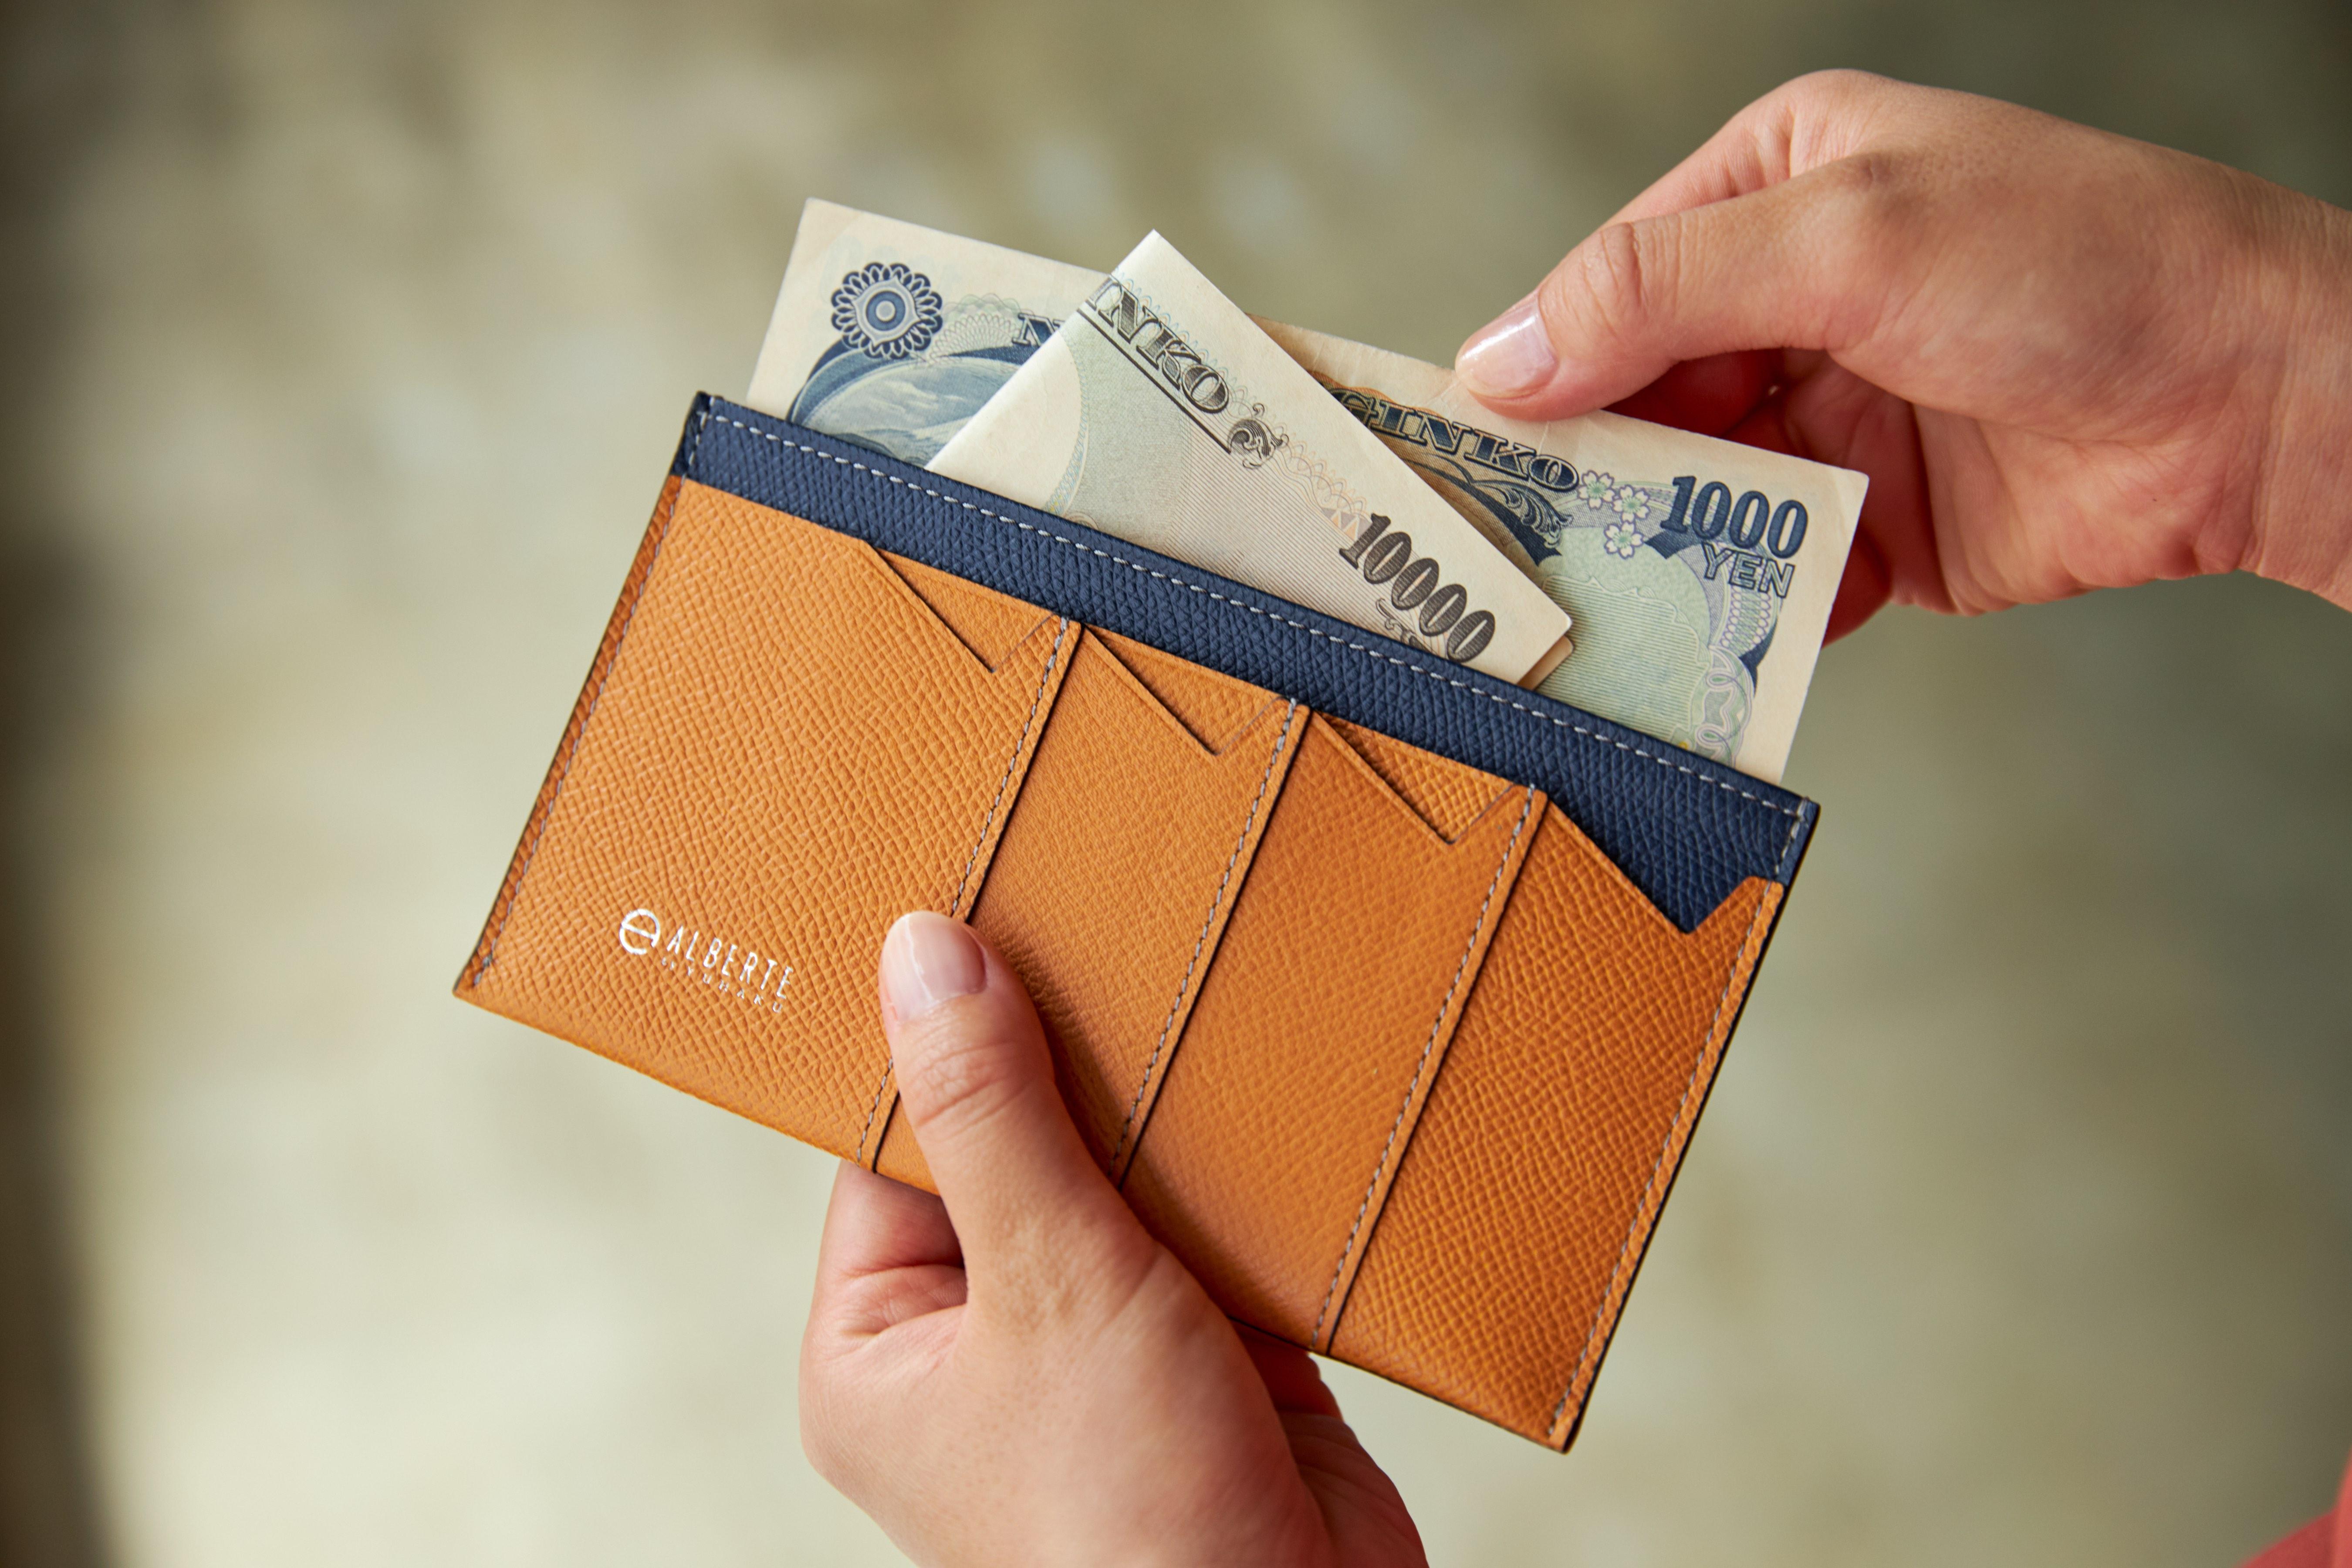 使い勝手の良い紙幣入れ。無理なくミニマムを極めた、「薄い財布」の傑作(長財布、二つ折り財布、パスケース、カードホルダー) ALBERTE